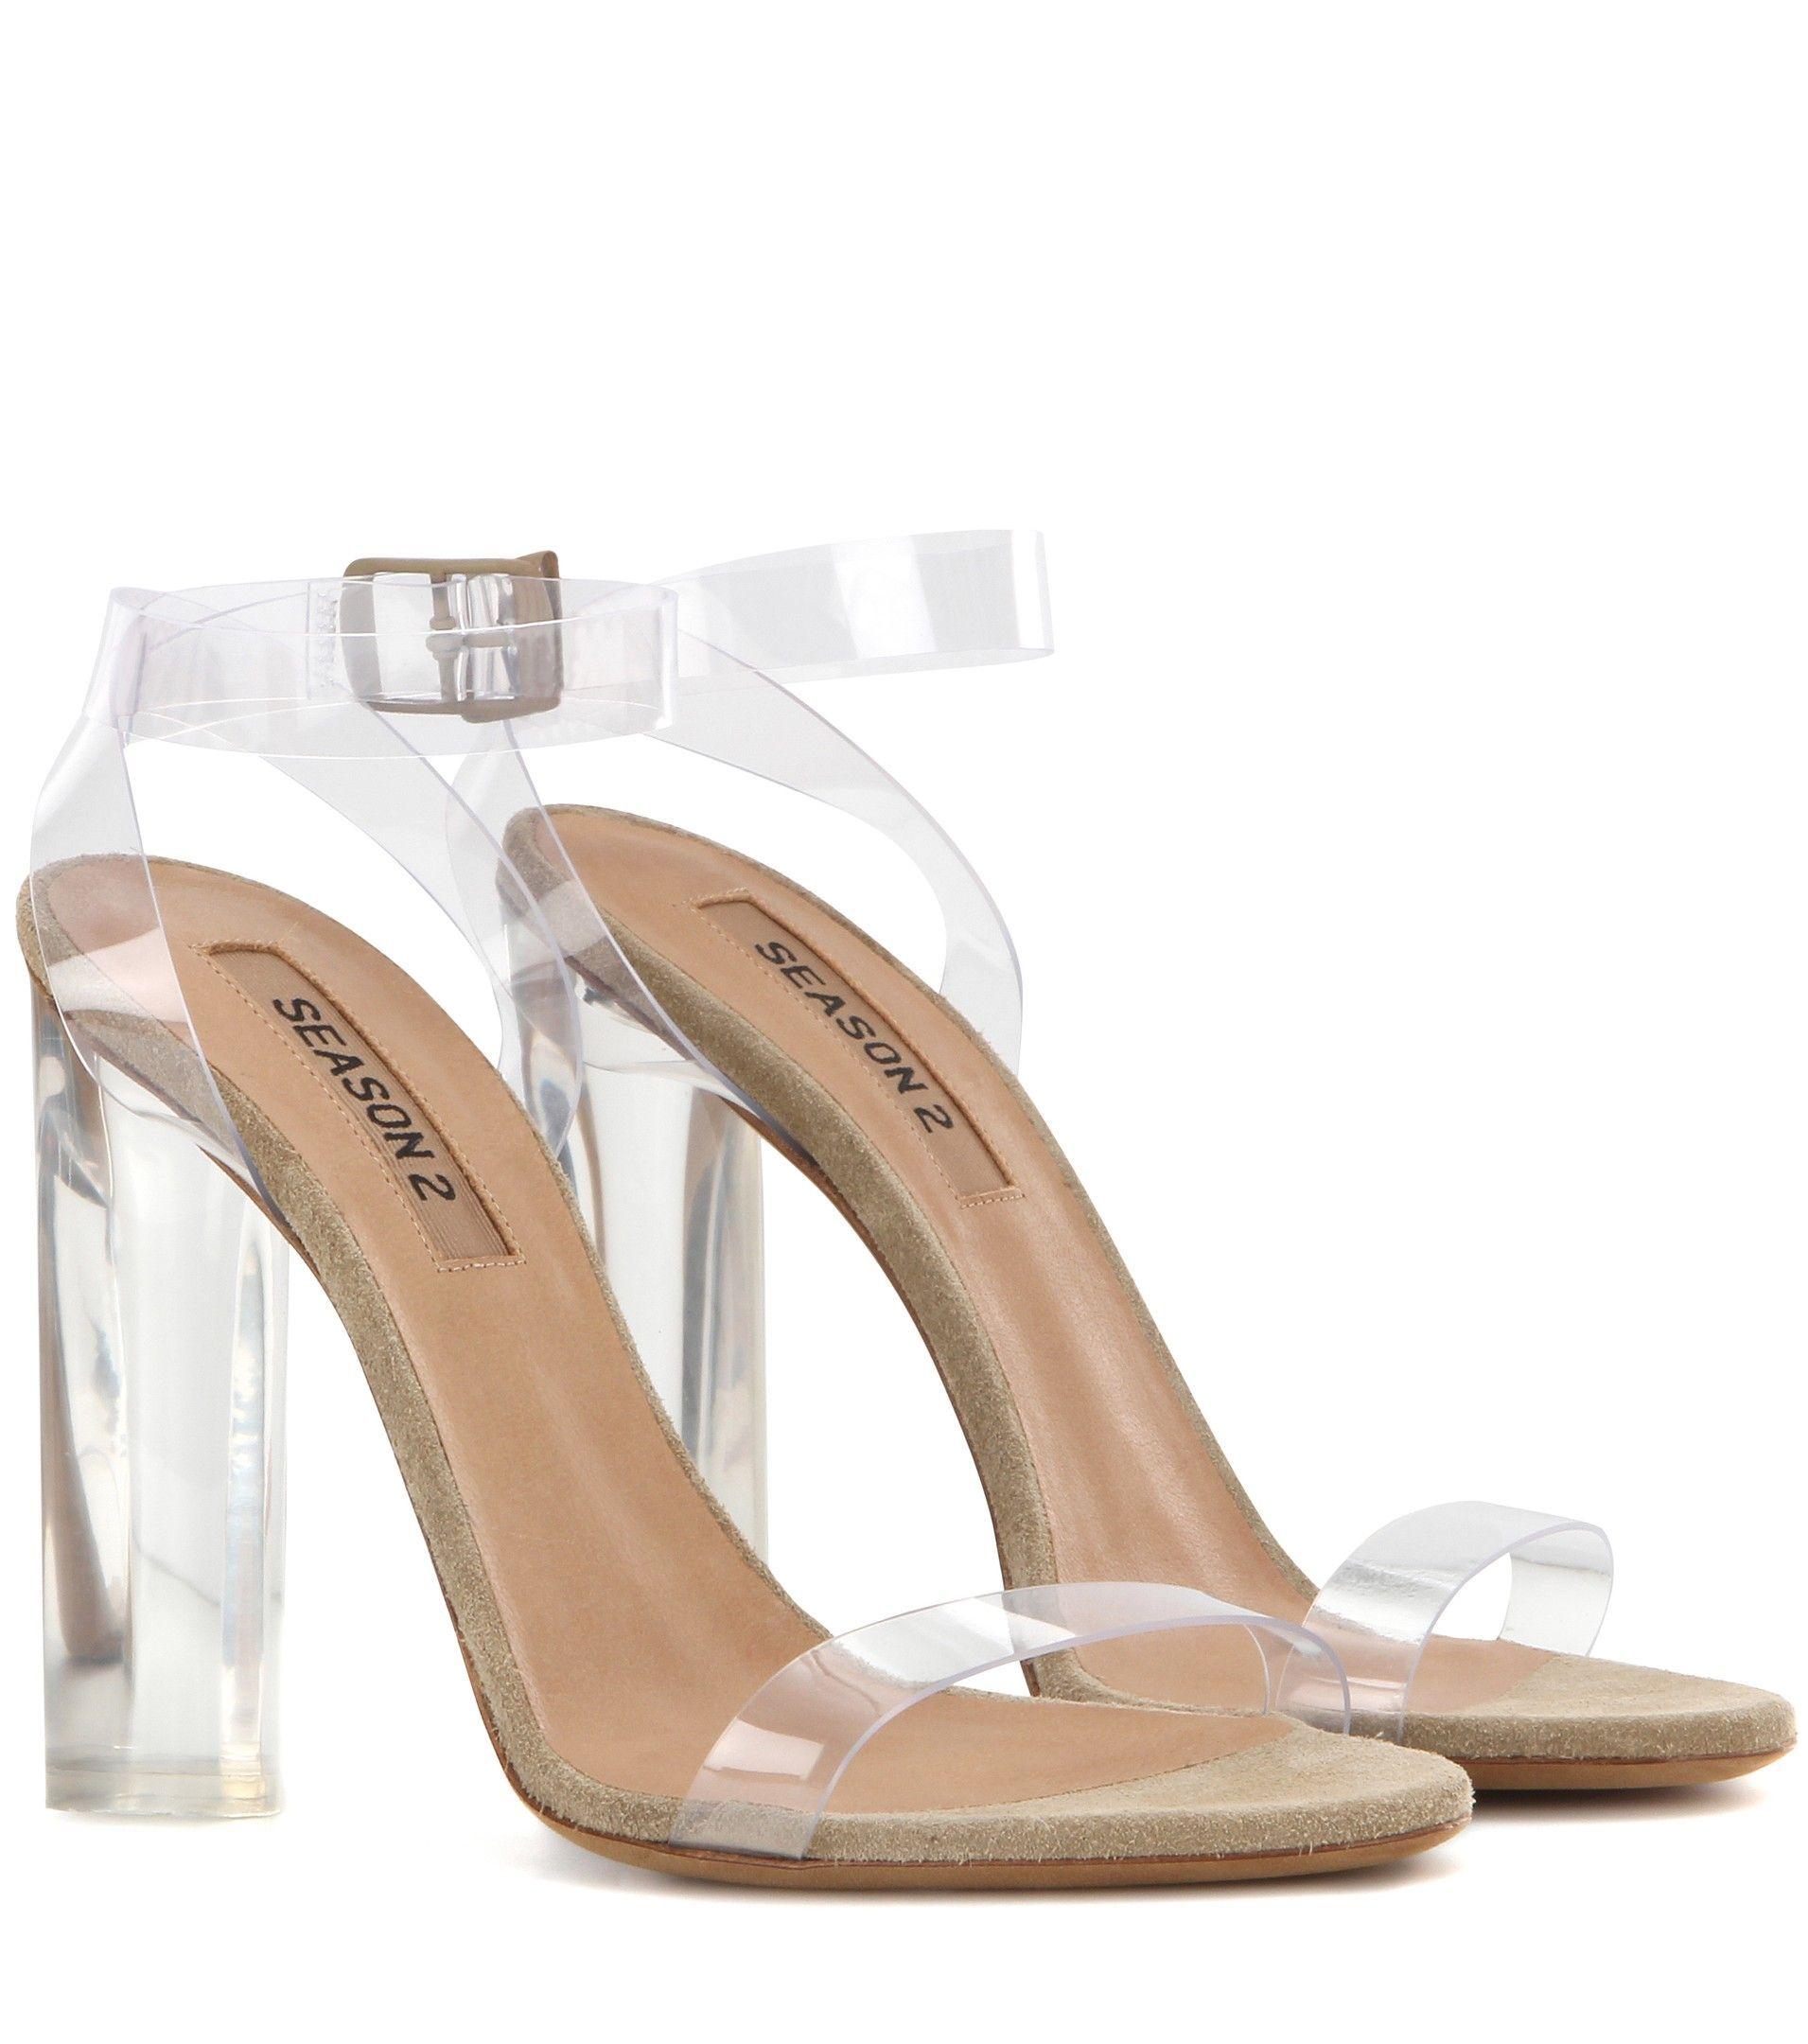 Fashion store on | Weiße absatzschuhe, Sandalen mit absatz